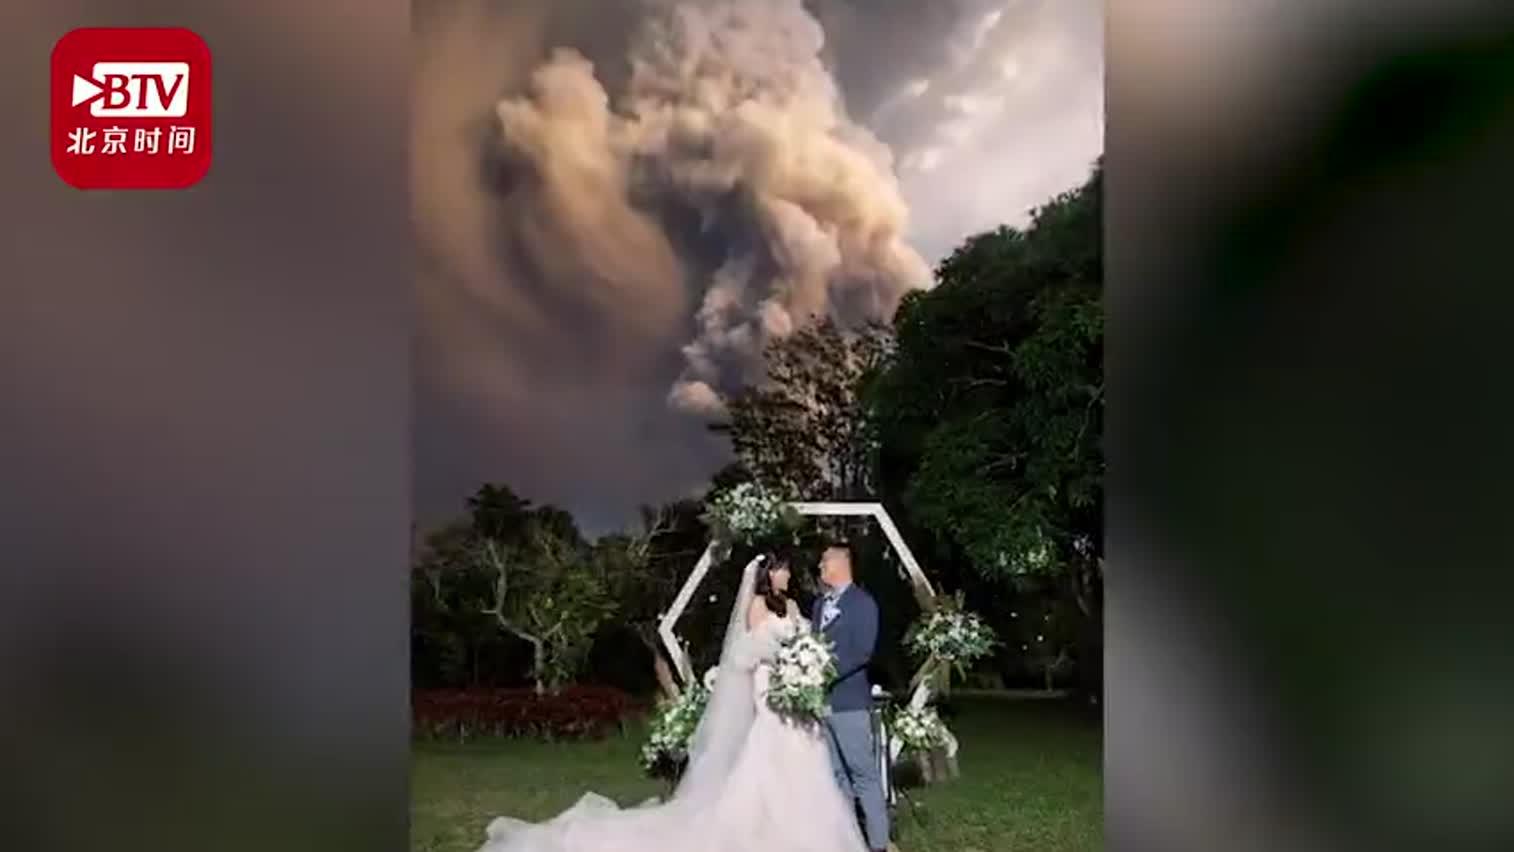 视频-实拍菲律宾火山喷发下的震撼婚礼 新人在冲天